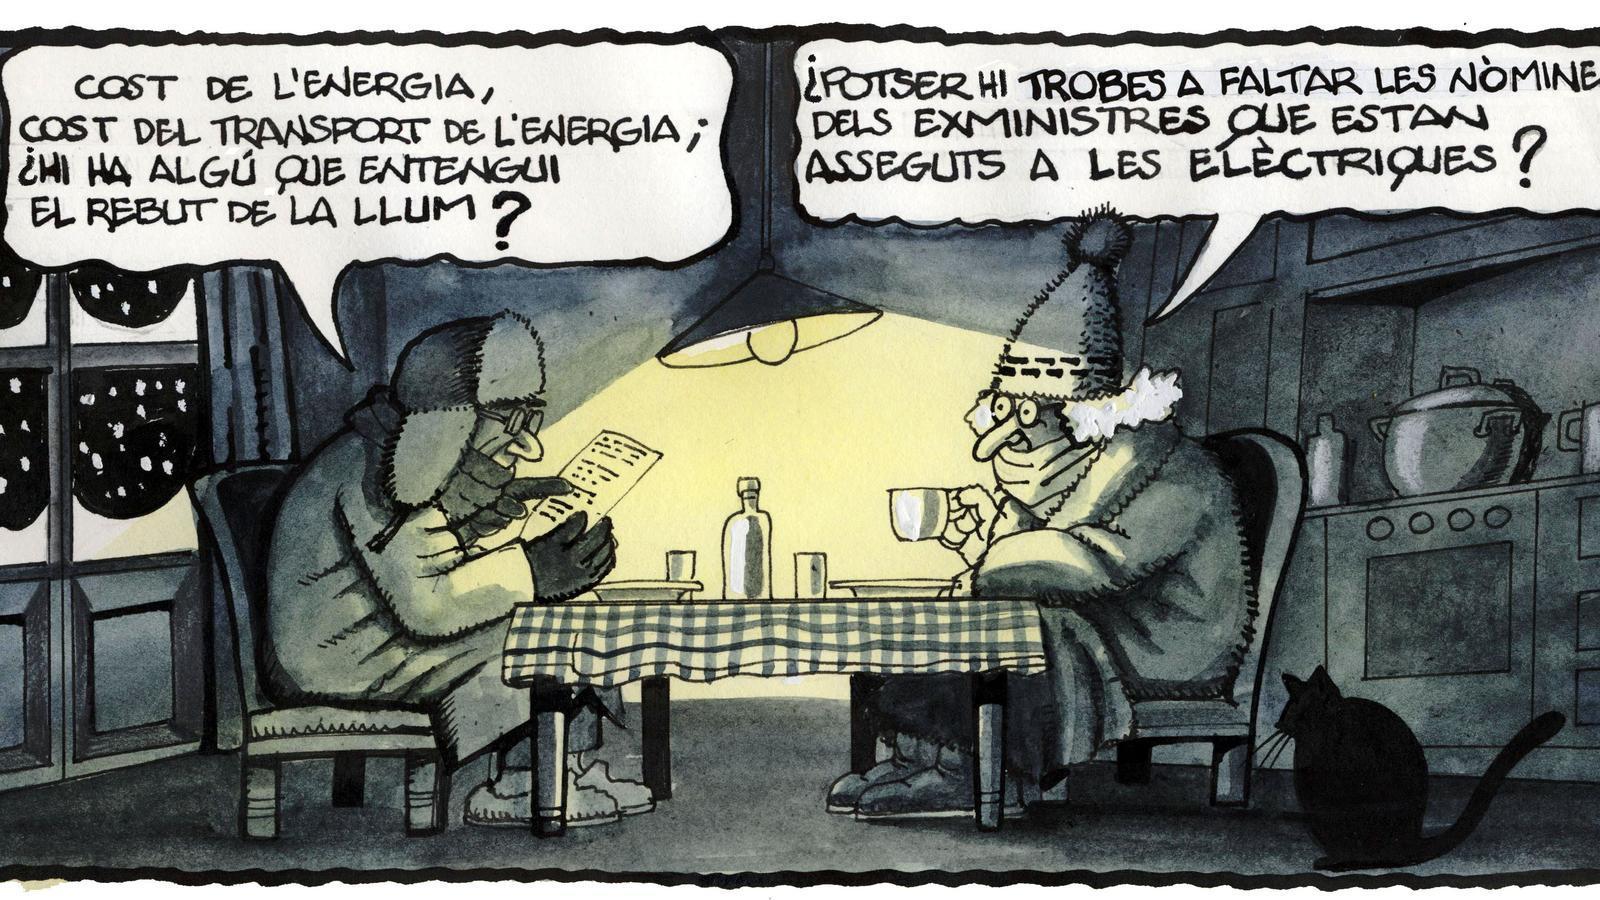 'A la contra', per Ferreres 16/01/2021